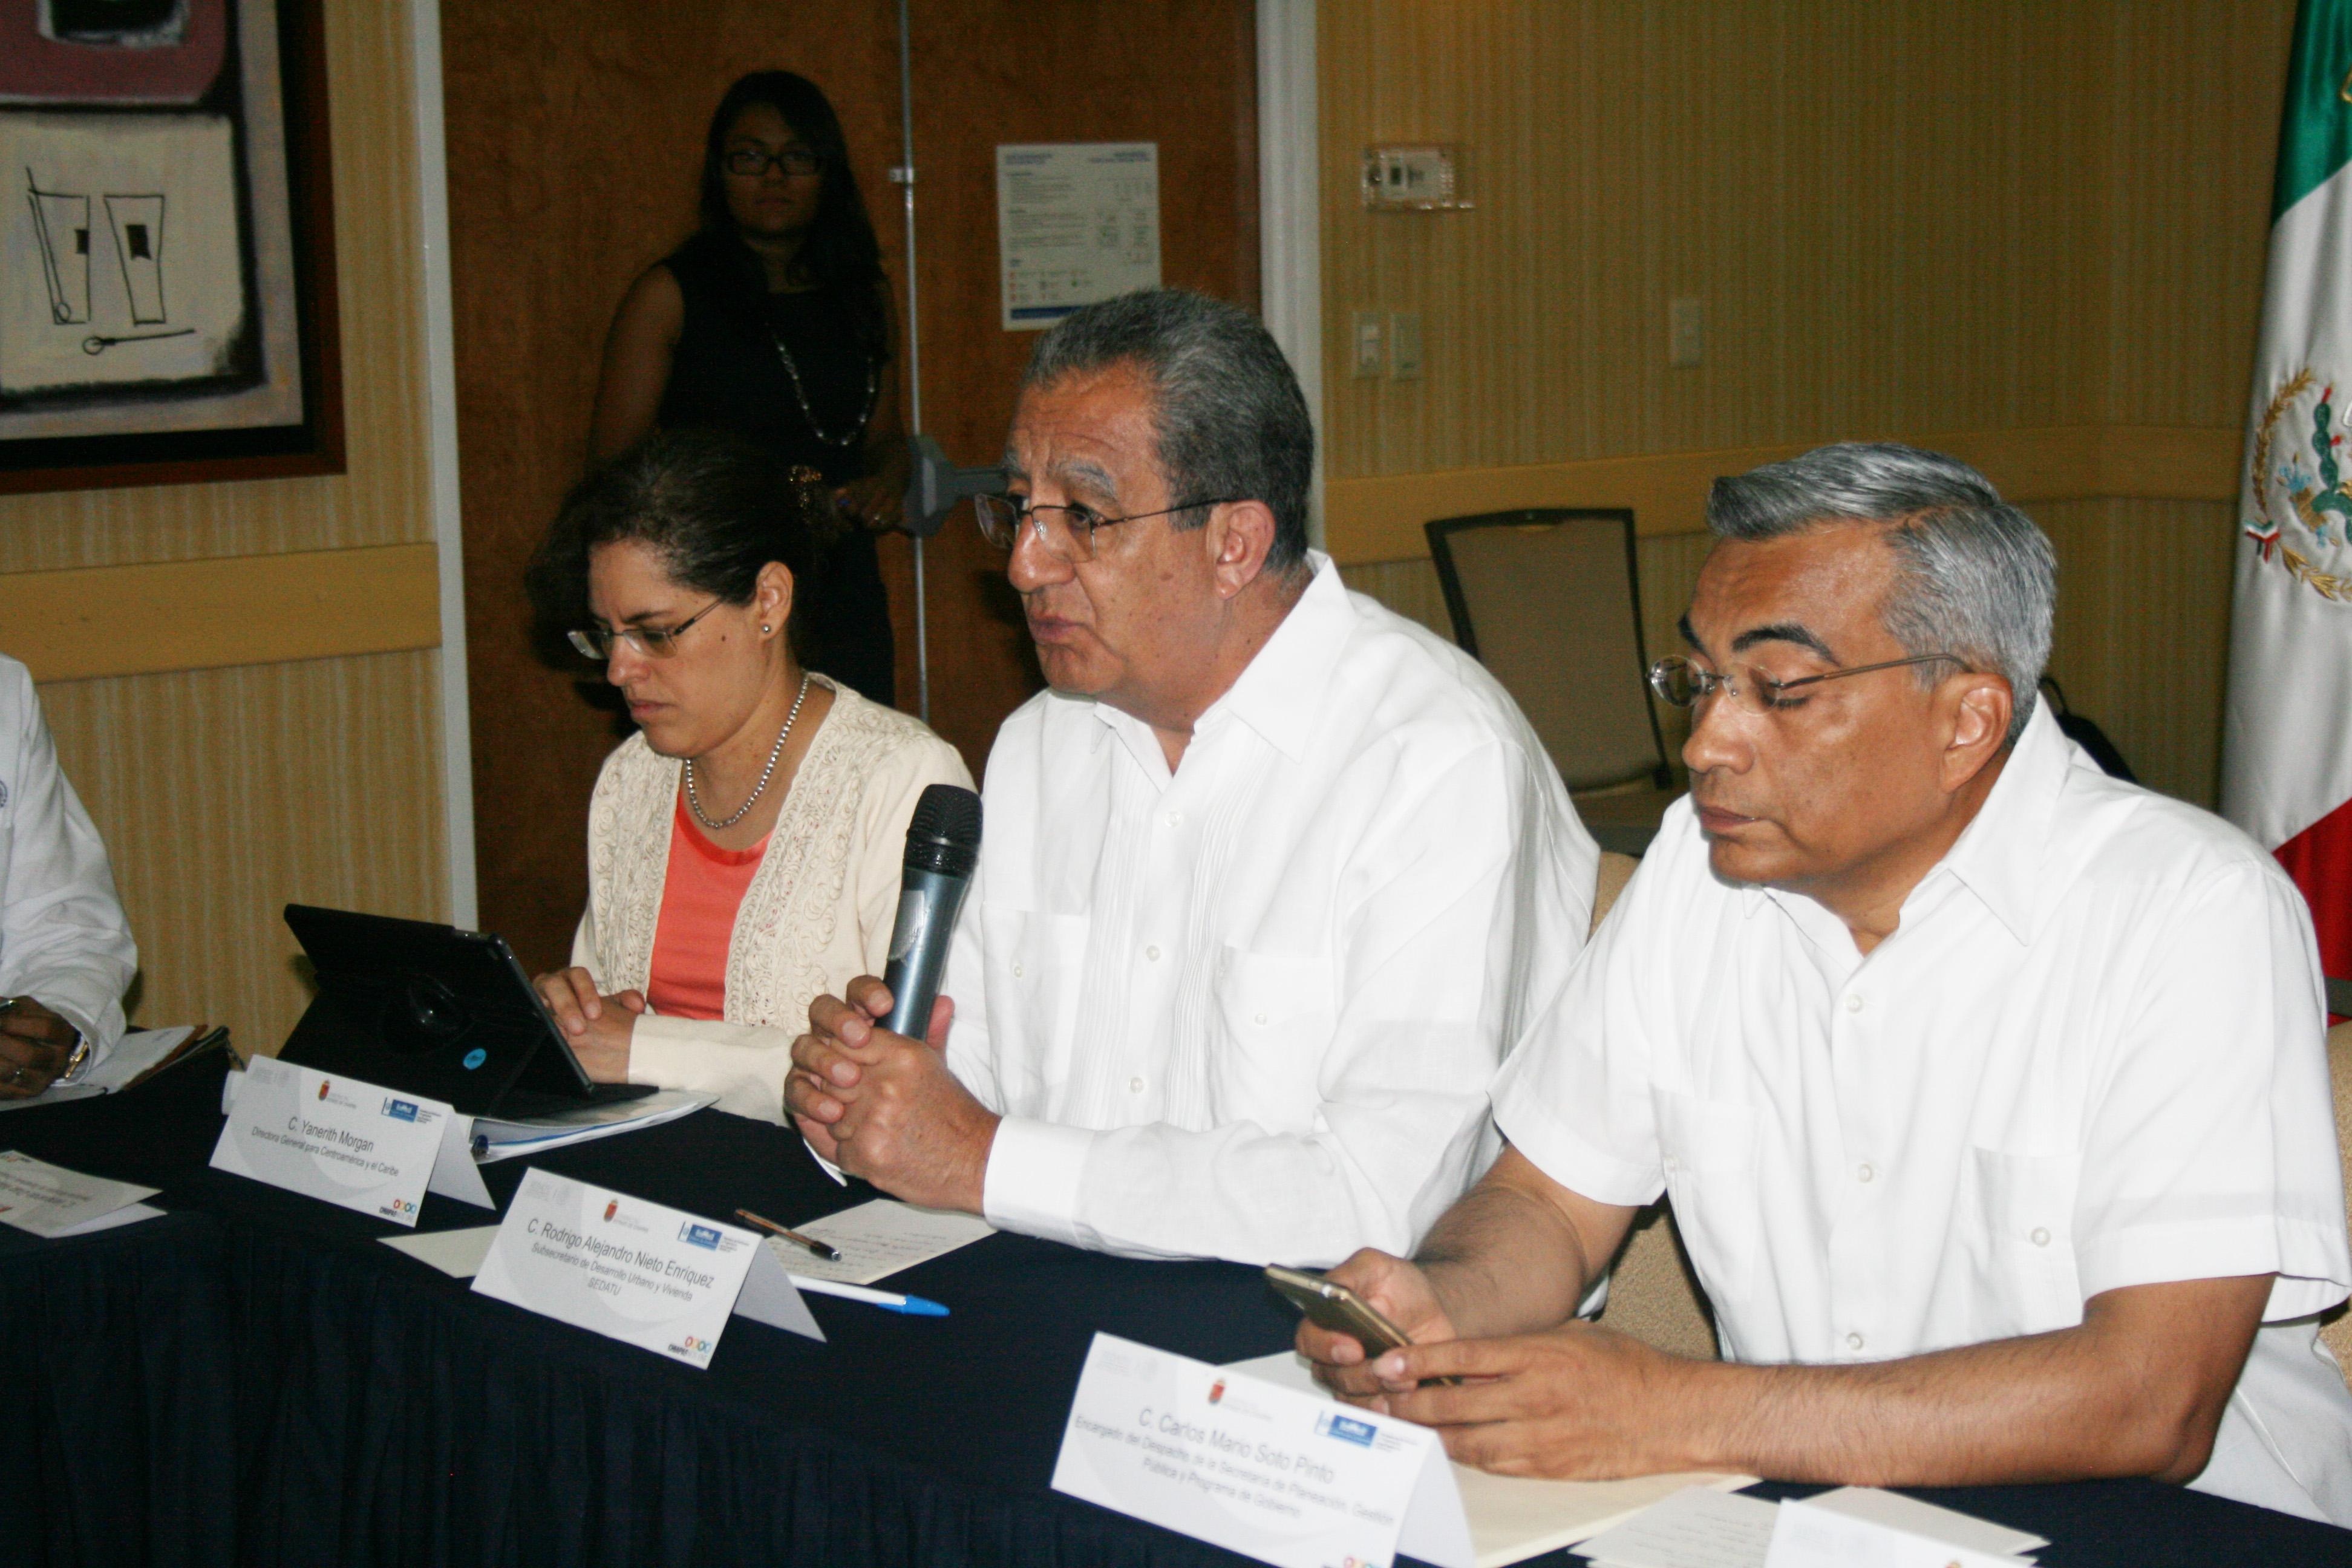 El Subsecretario de Desarrollo Urbano y Vivienda participó en el encuentro realizado en Tapachula, Chiapas.